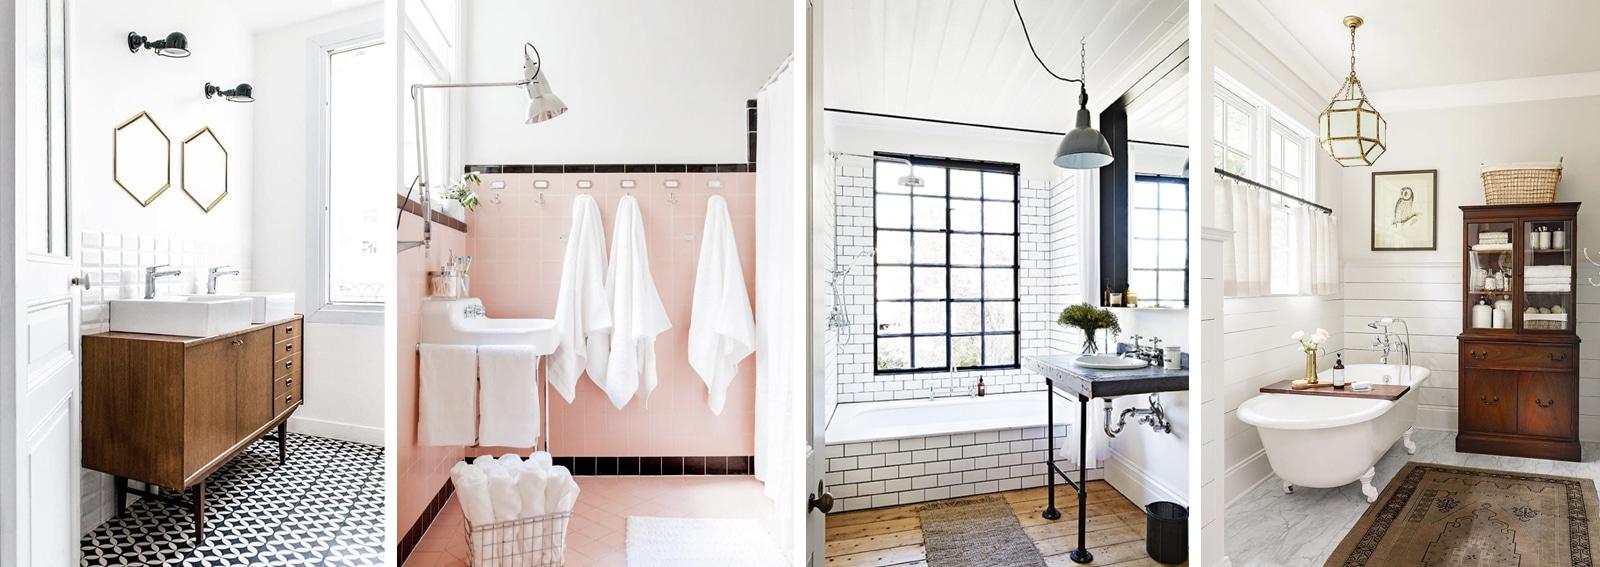 Come arredare il bagno in stile vintage - Grazia